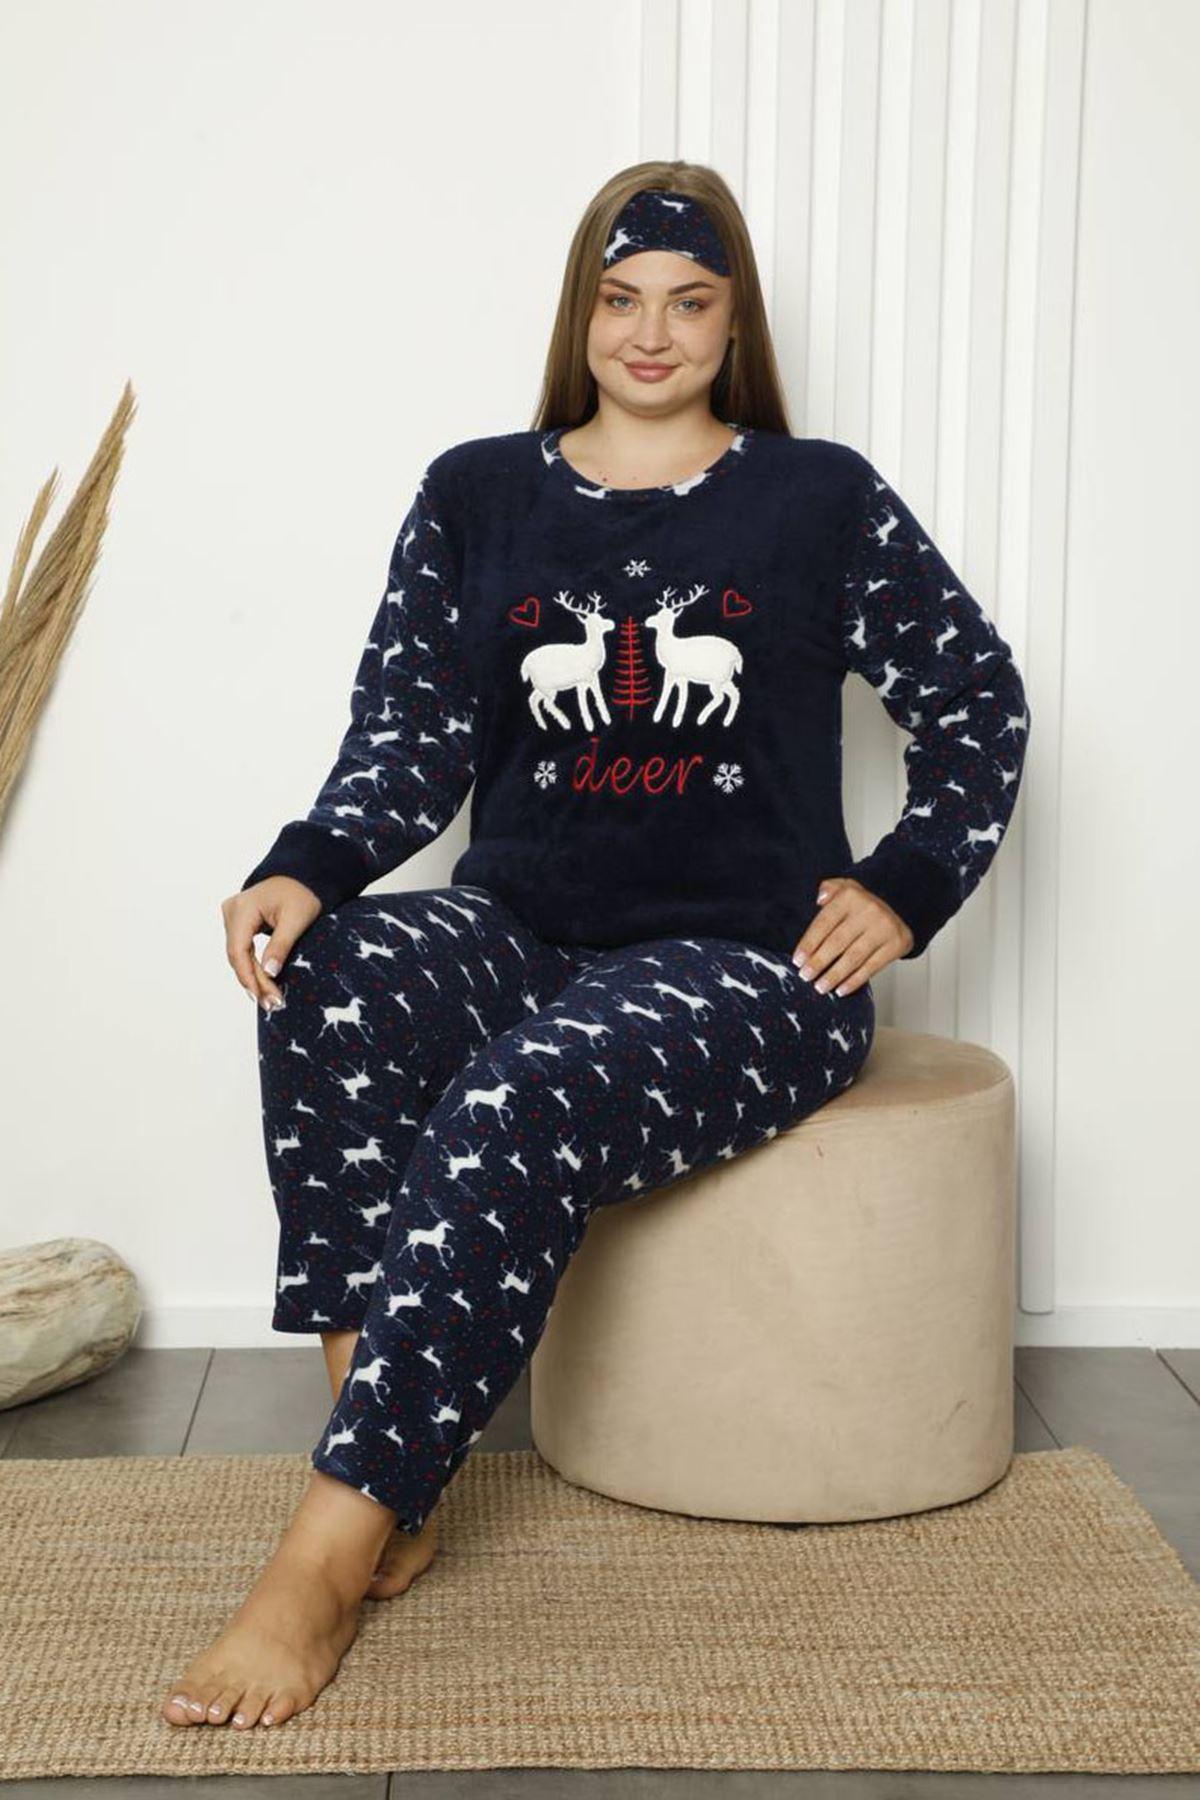 Welsoft Polar Büyük Beden Pijama Takımı 11A-1844